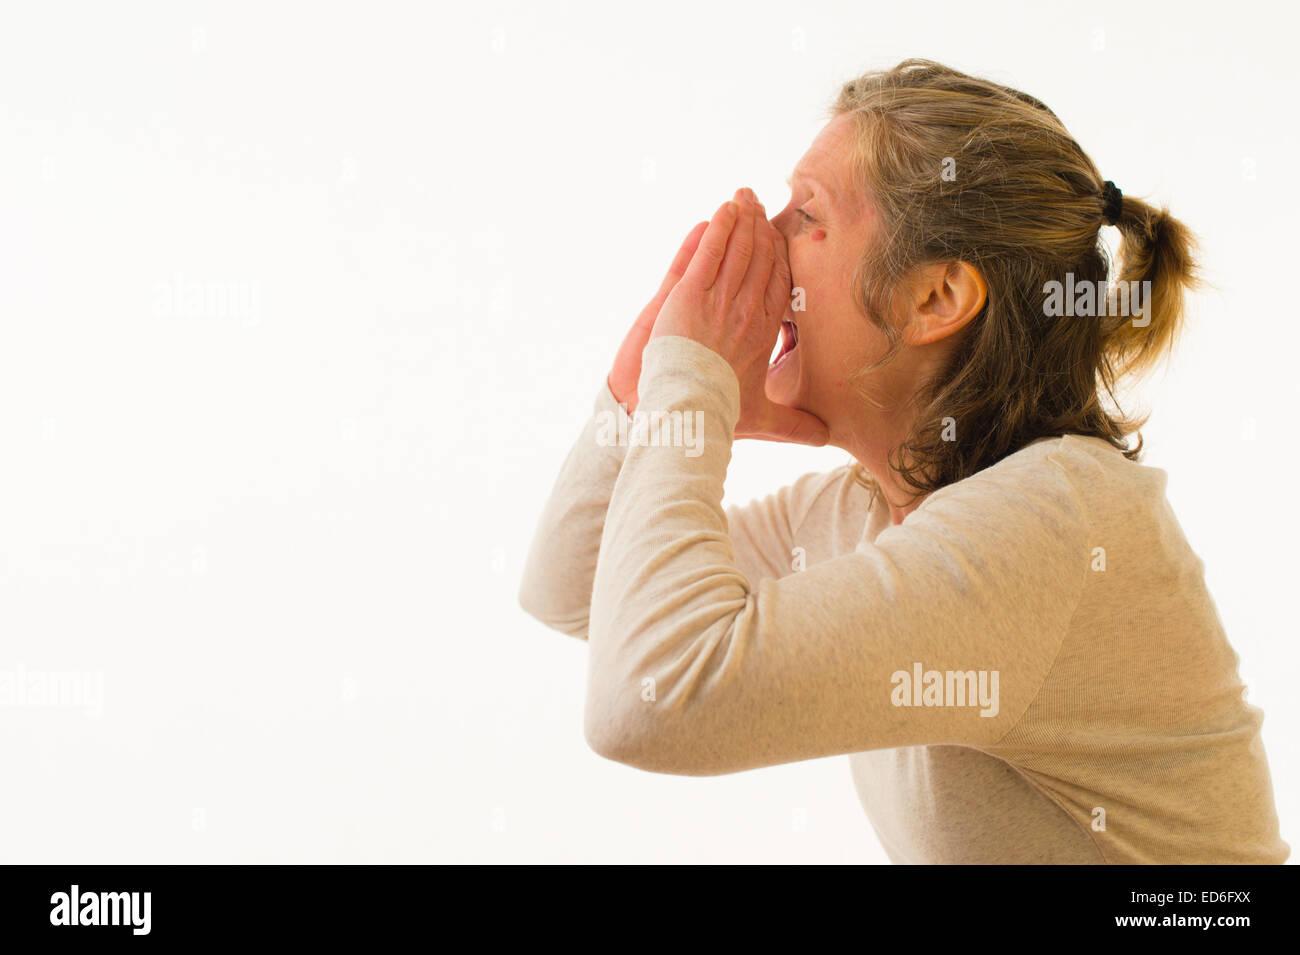 Una mujer caucásica de cuarenta años gritando gritando a través de sus manos ahuecados contra un Imagen De Stock